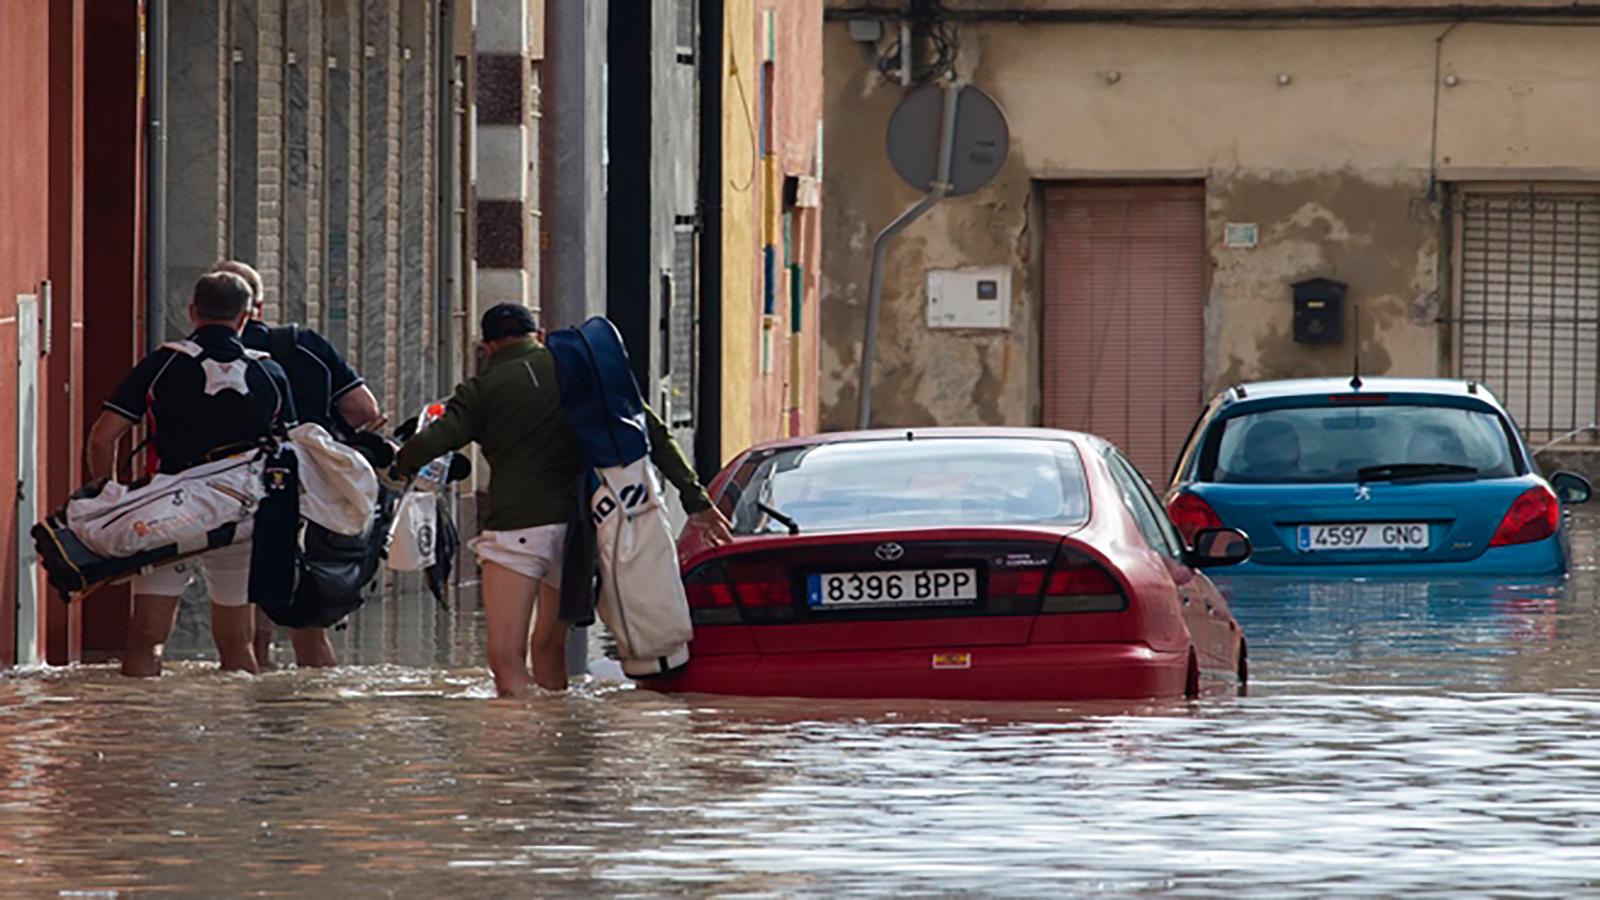 """""""عاصفة هوجاء تجتاح إسبانيا"""" وتخلف خراباً كبيراً"""